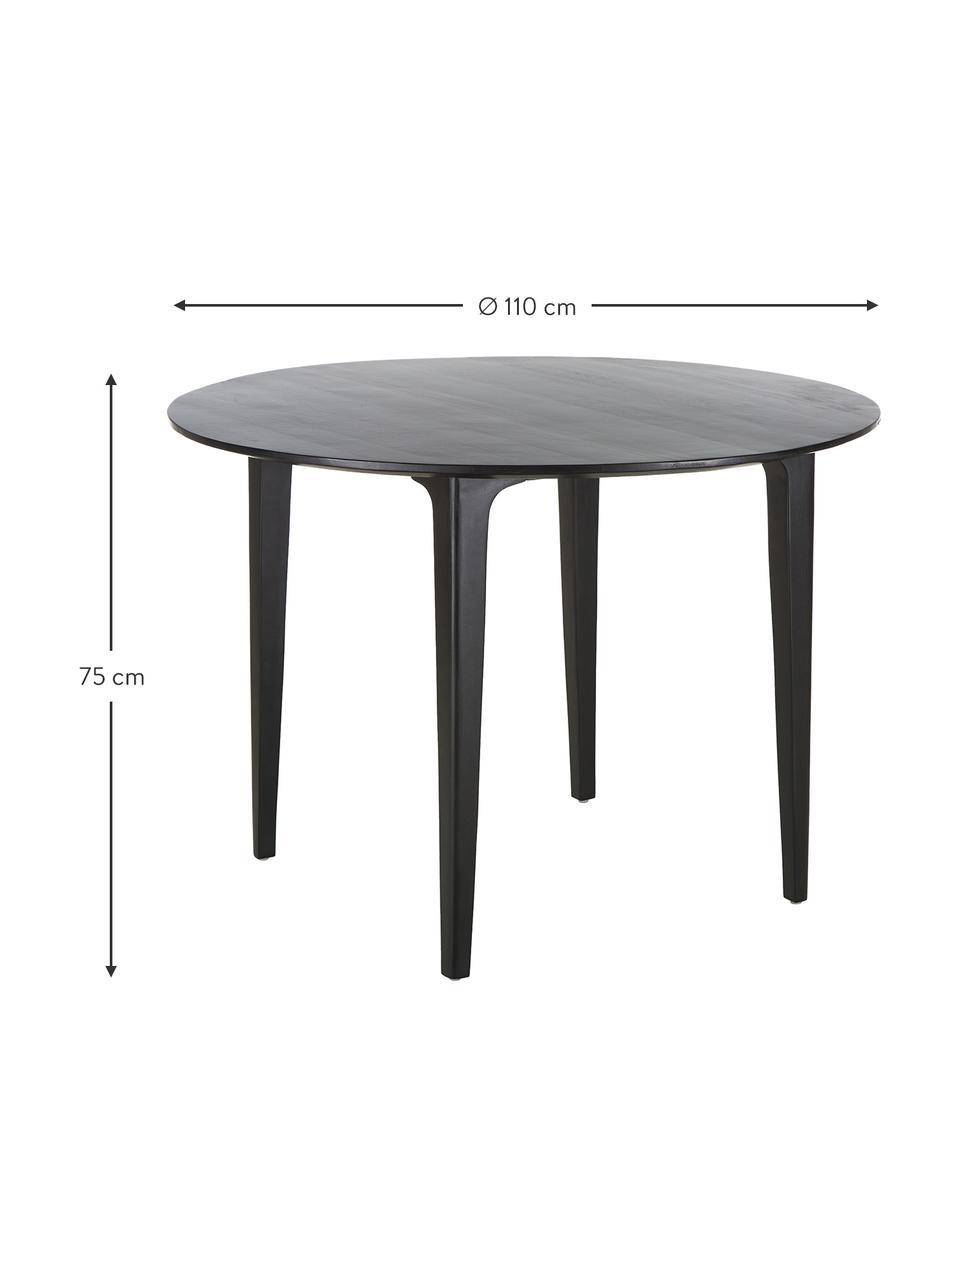 Runder Esstisch Archie mit Mangoholz, Ø 110 cm, Massives Mangoholz, lackiert, Mangoholz, schwarz lackiert, Ø 110 x H 75 cm